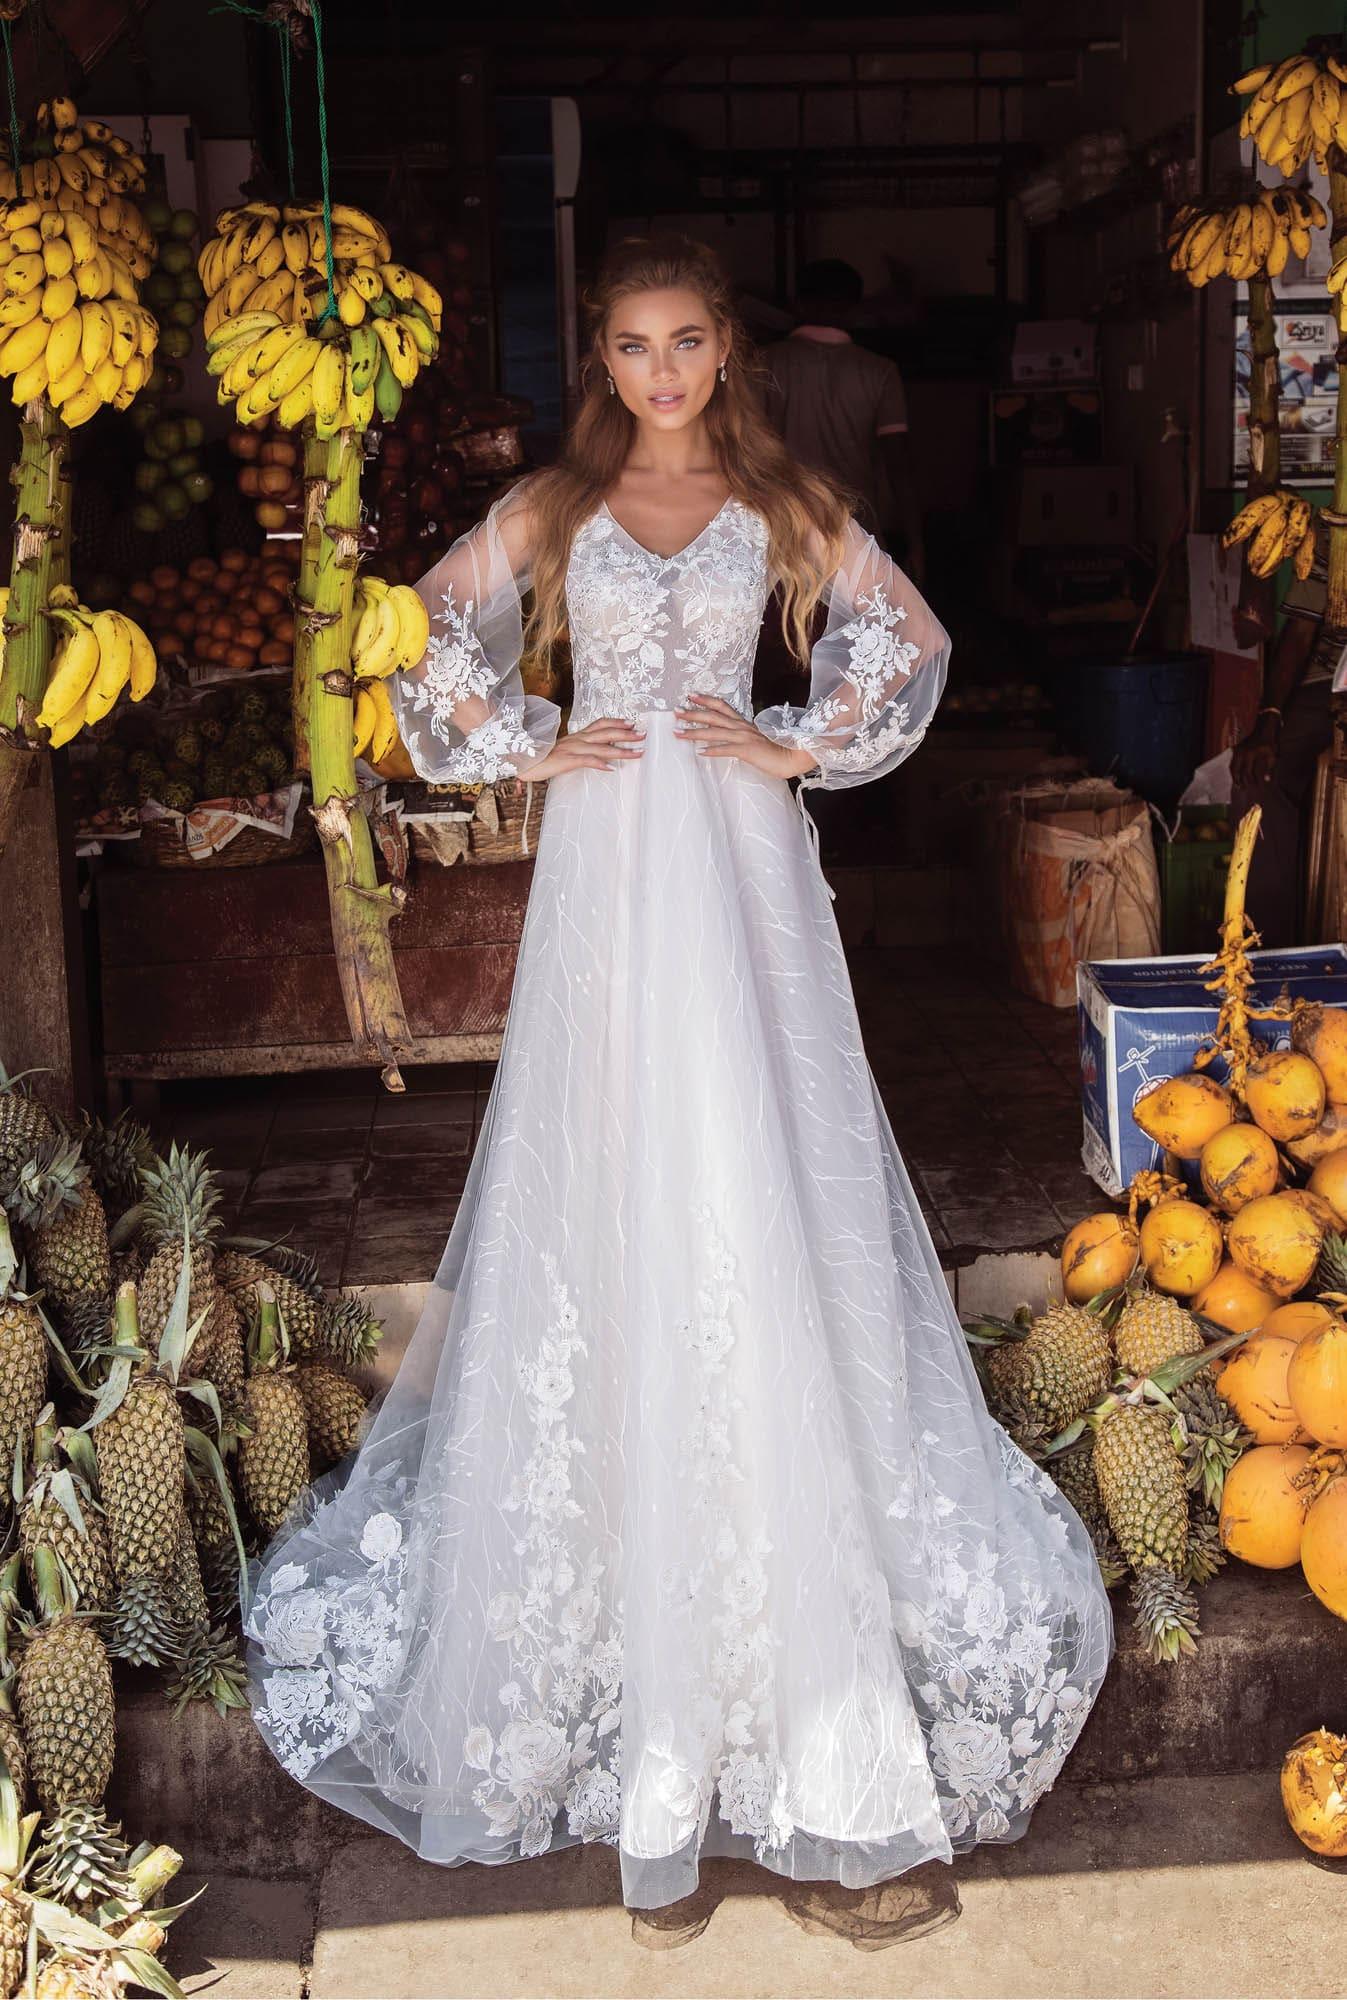 Свадебное платье с длинным широким рукавом и небольшим декольте.